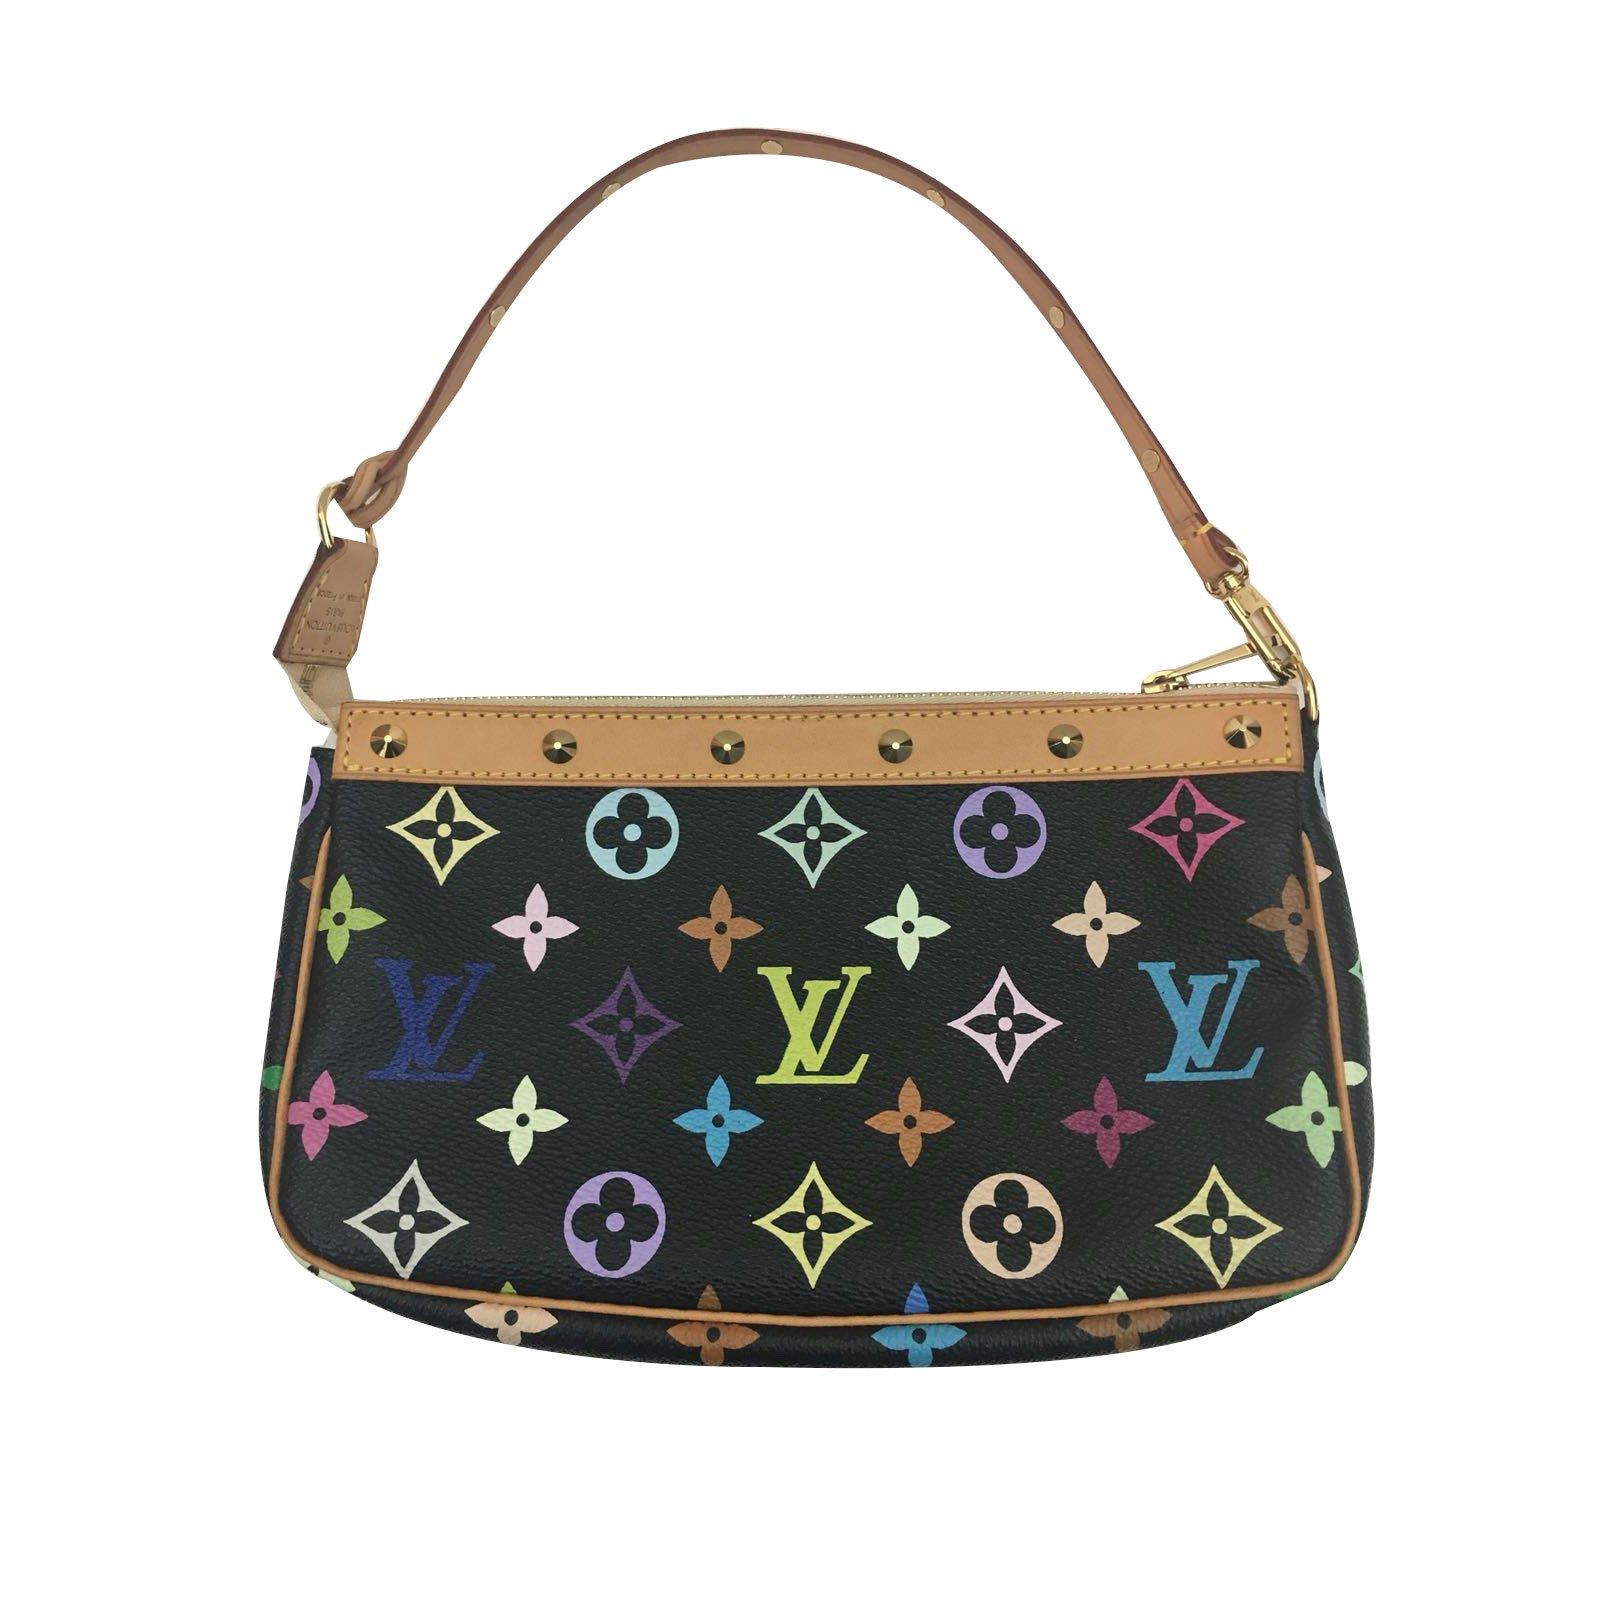 f16656680f5a Louis Vuitton Clutch Bags Leather Cloth Black Multiple. Louis Vuitton  Monogram Multicolore Alma Pm Bag